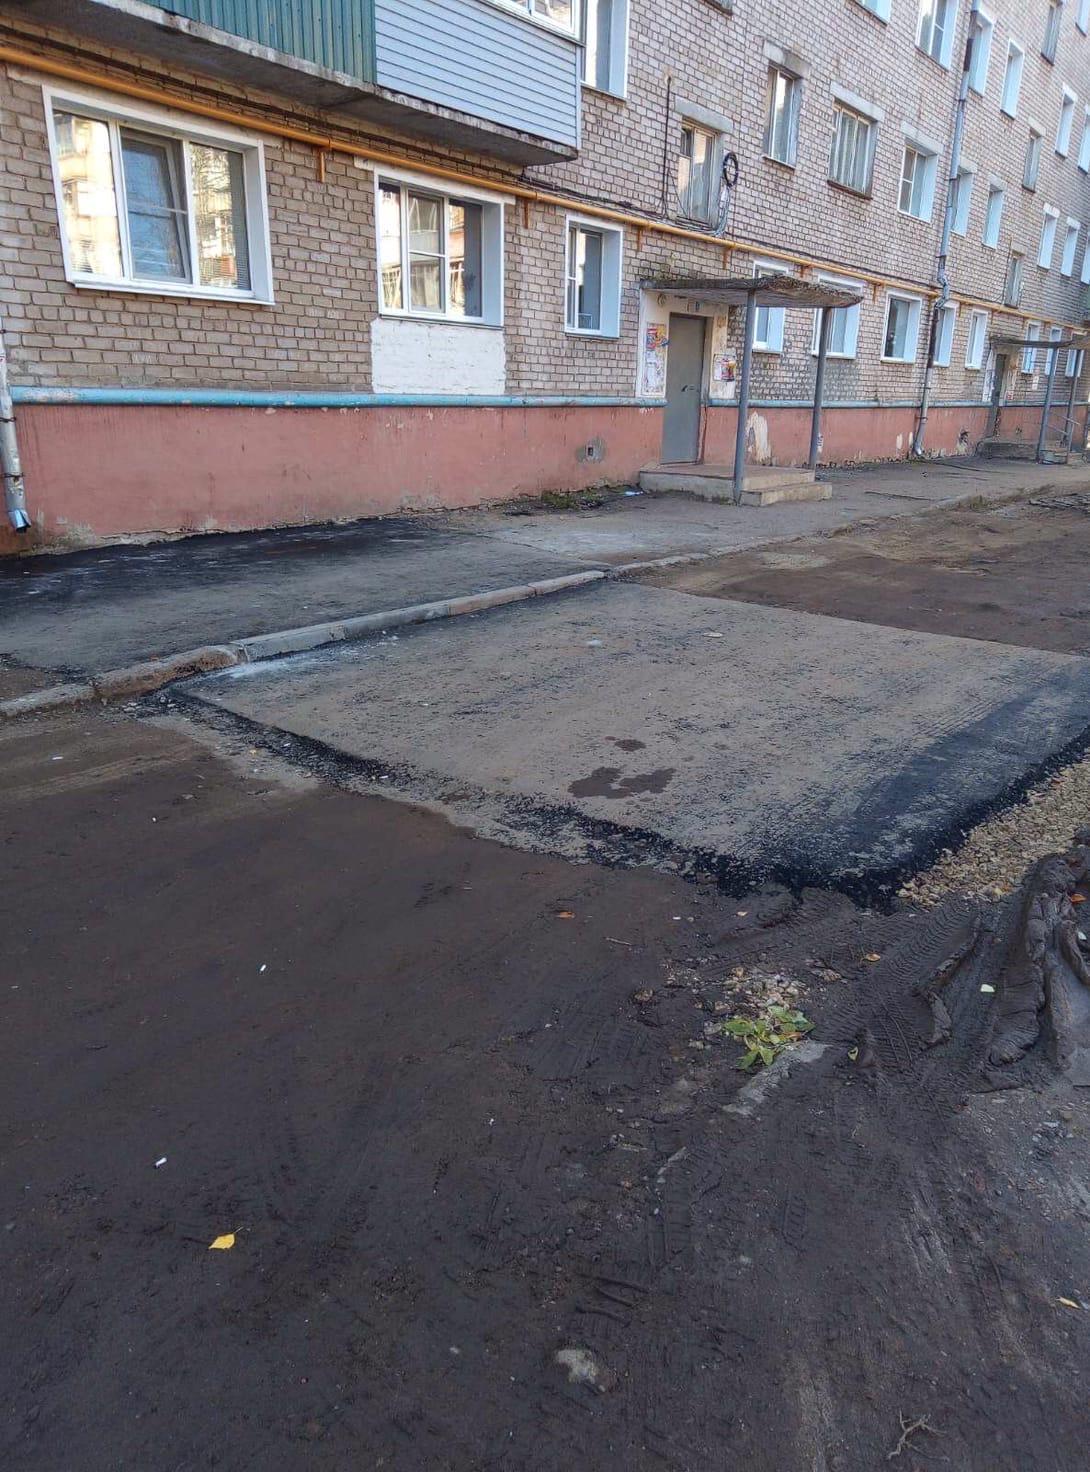 Чернышевского 34 КТК восстановили асфальтное покрытие возле